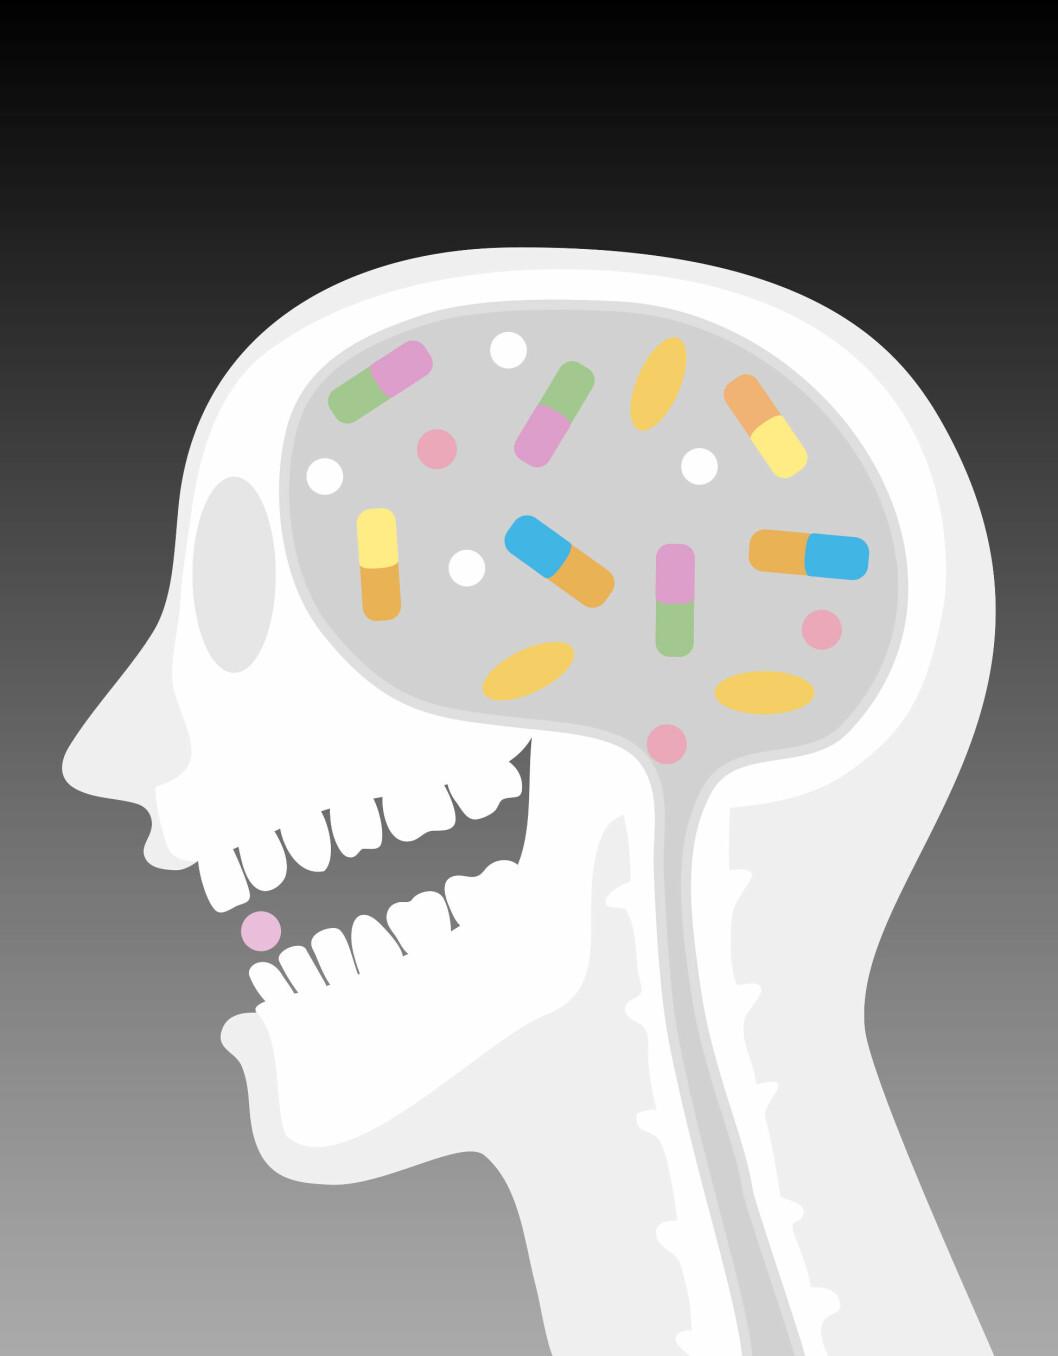 IKKE EN LYKKEPILLE: Antidepressiva blir misvisende kalt en lykkepille, sier forsker Bramness. Foto: (c) Illustration Works/Corbis/All Over Press